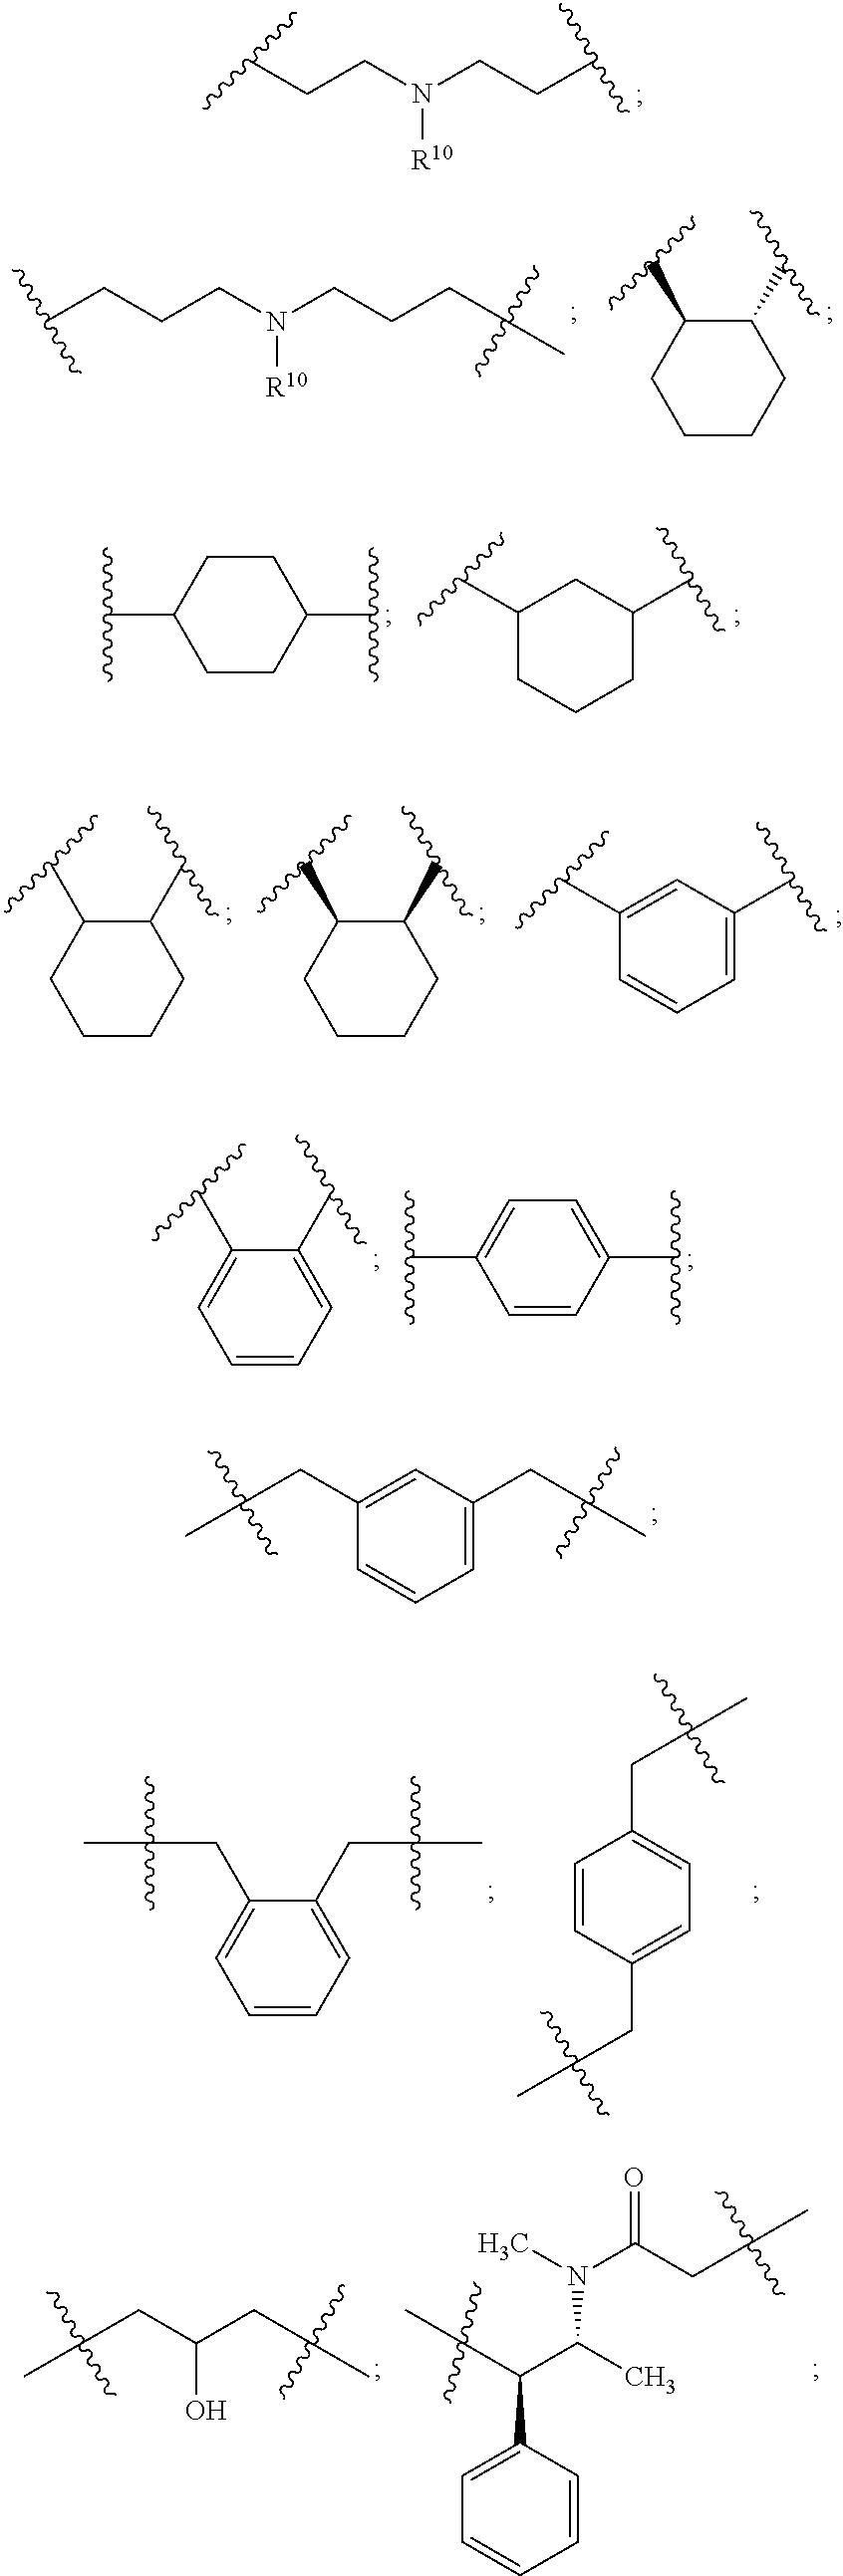 Figure US09193827-20151124-C00016